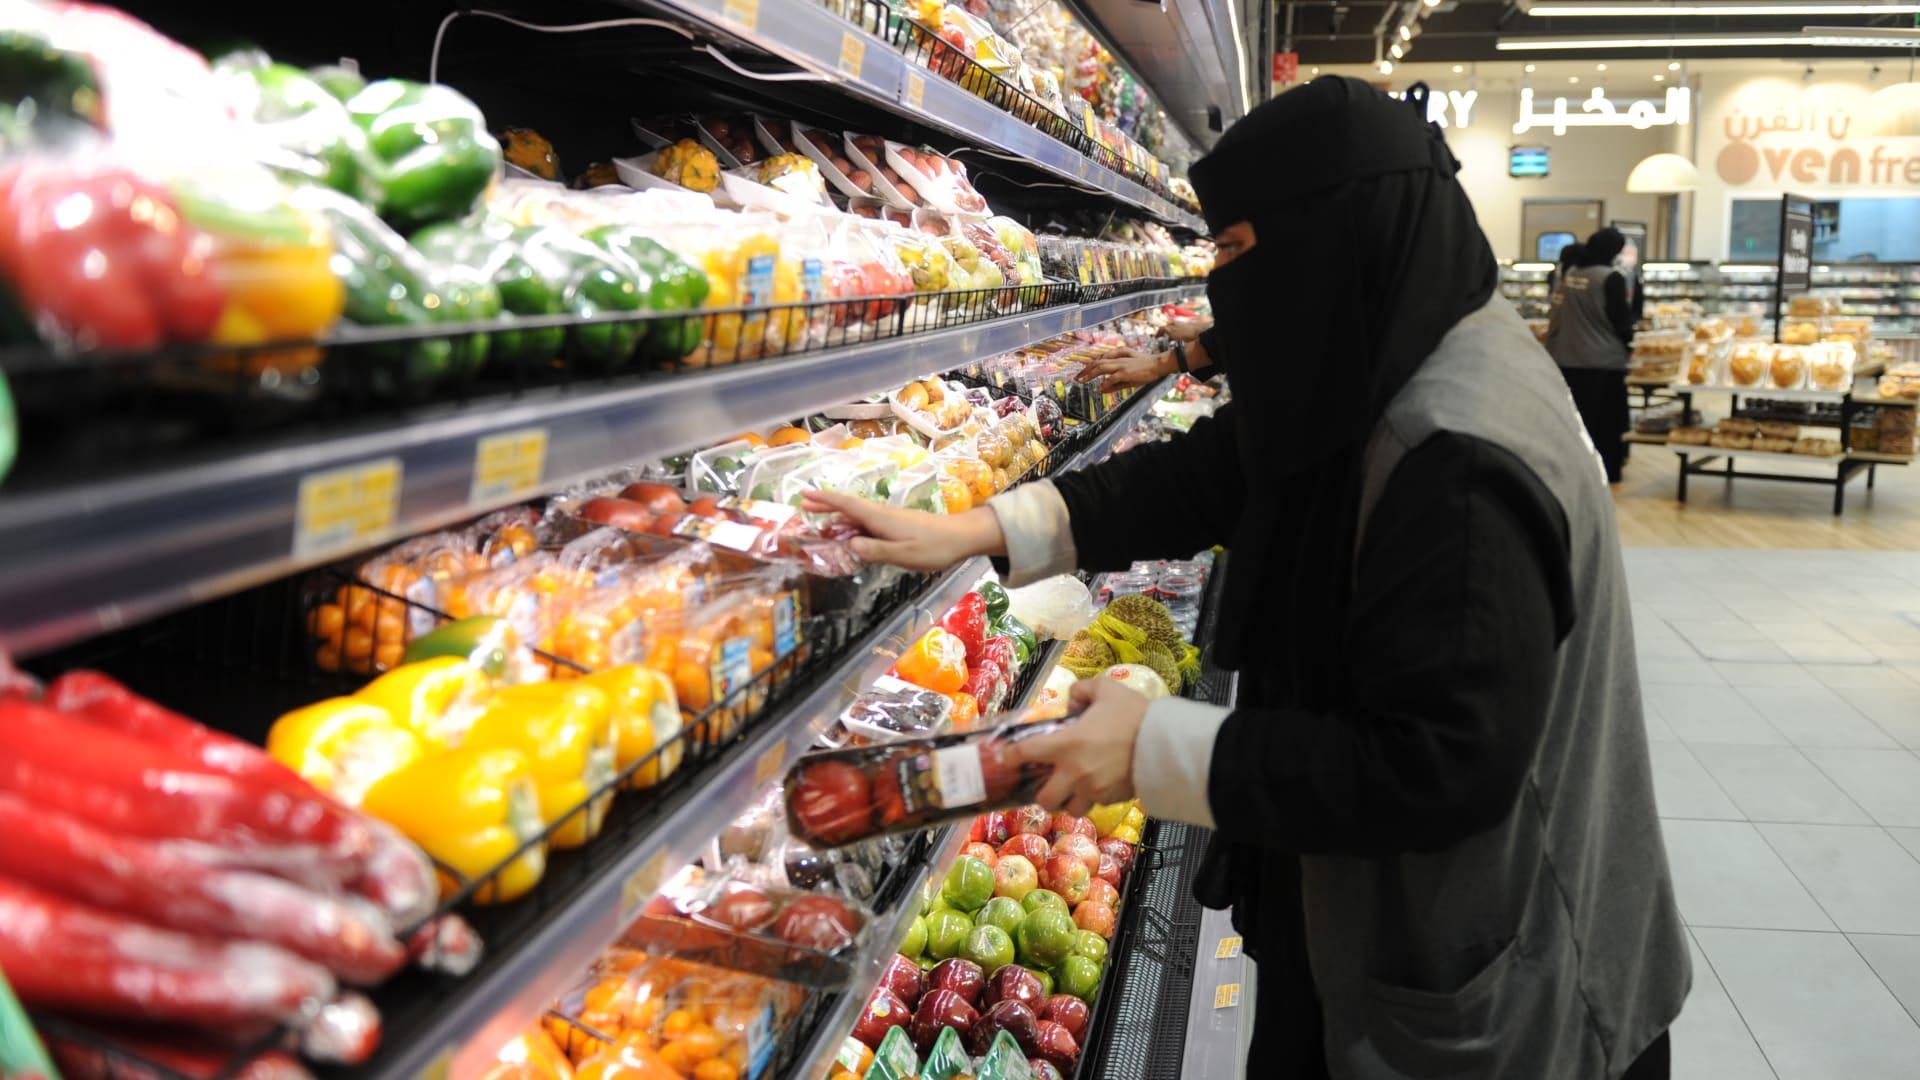 ارتفاع معدل التضخم في السعودية بنسبة 5.3٪ في أبريل